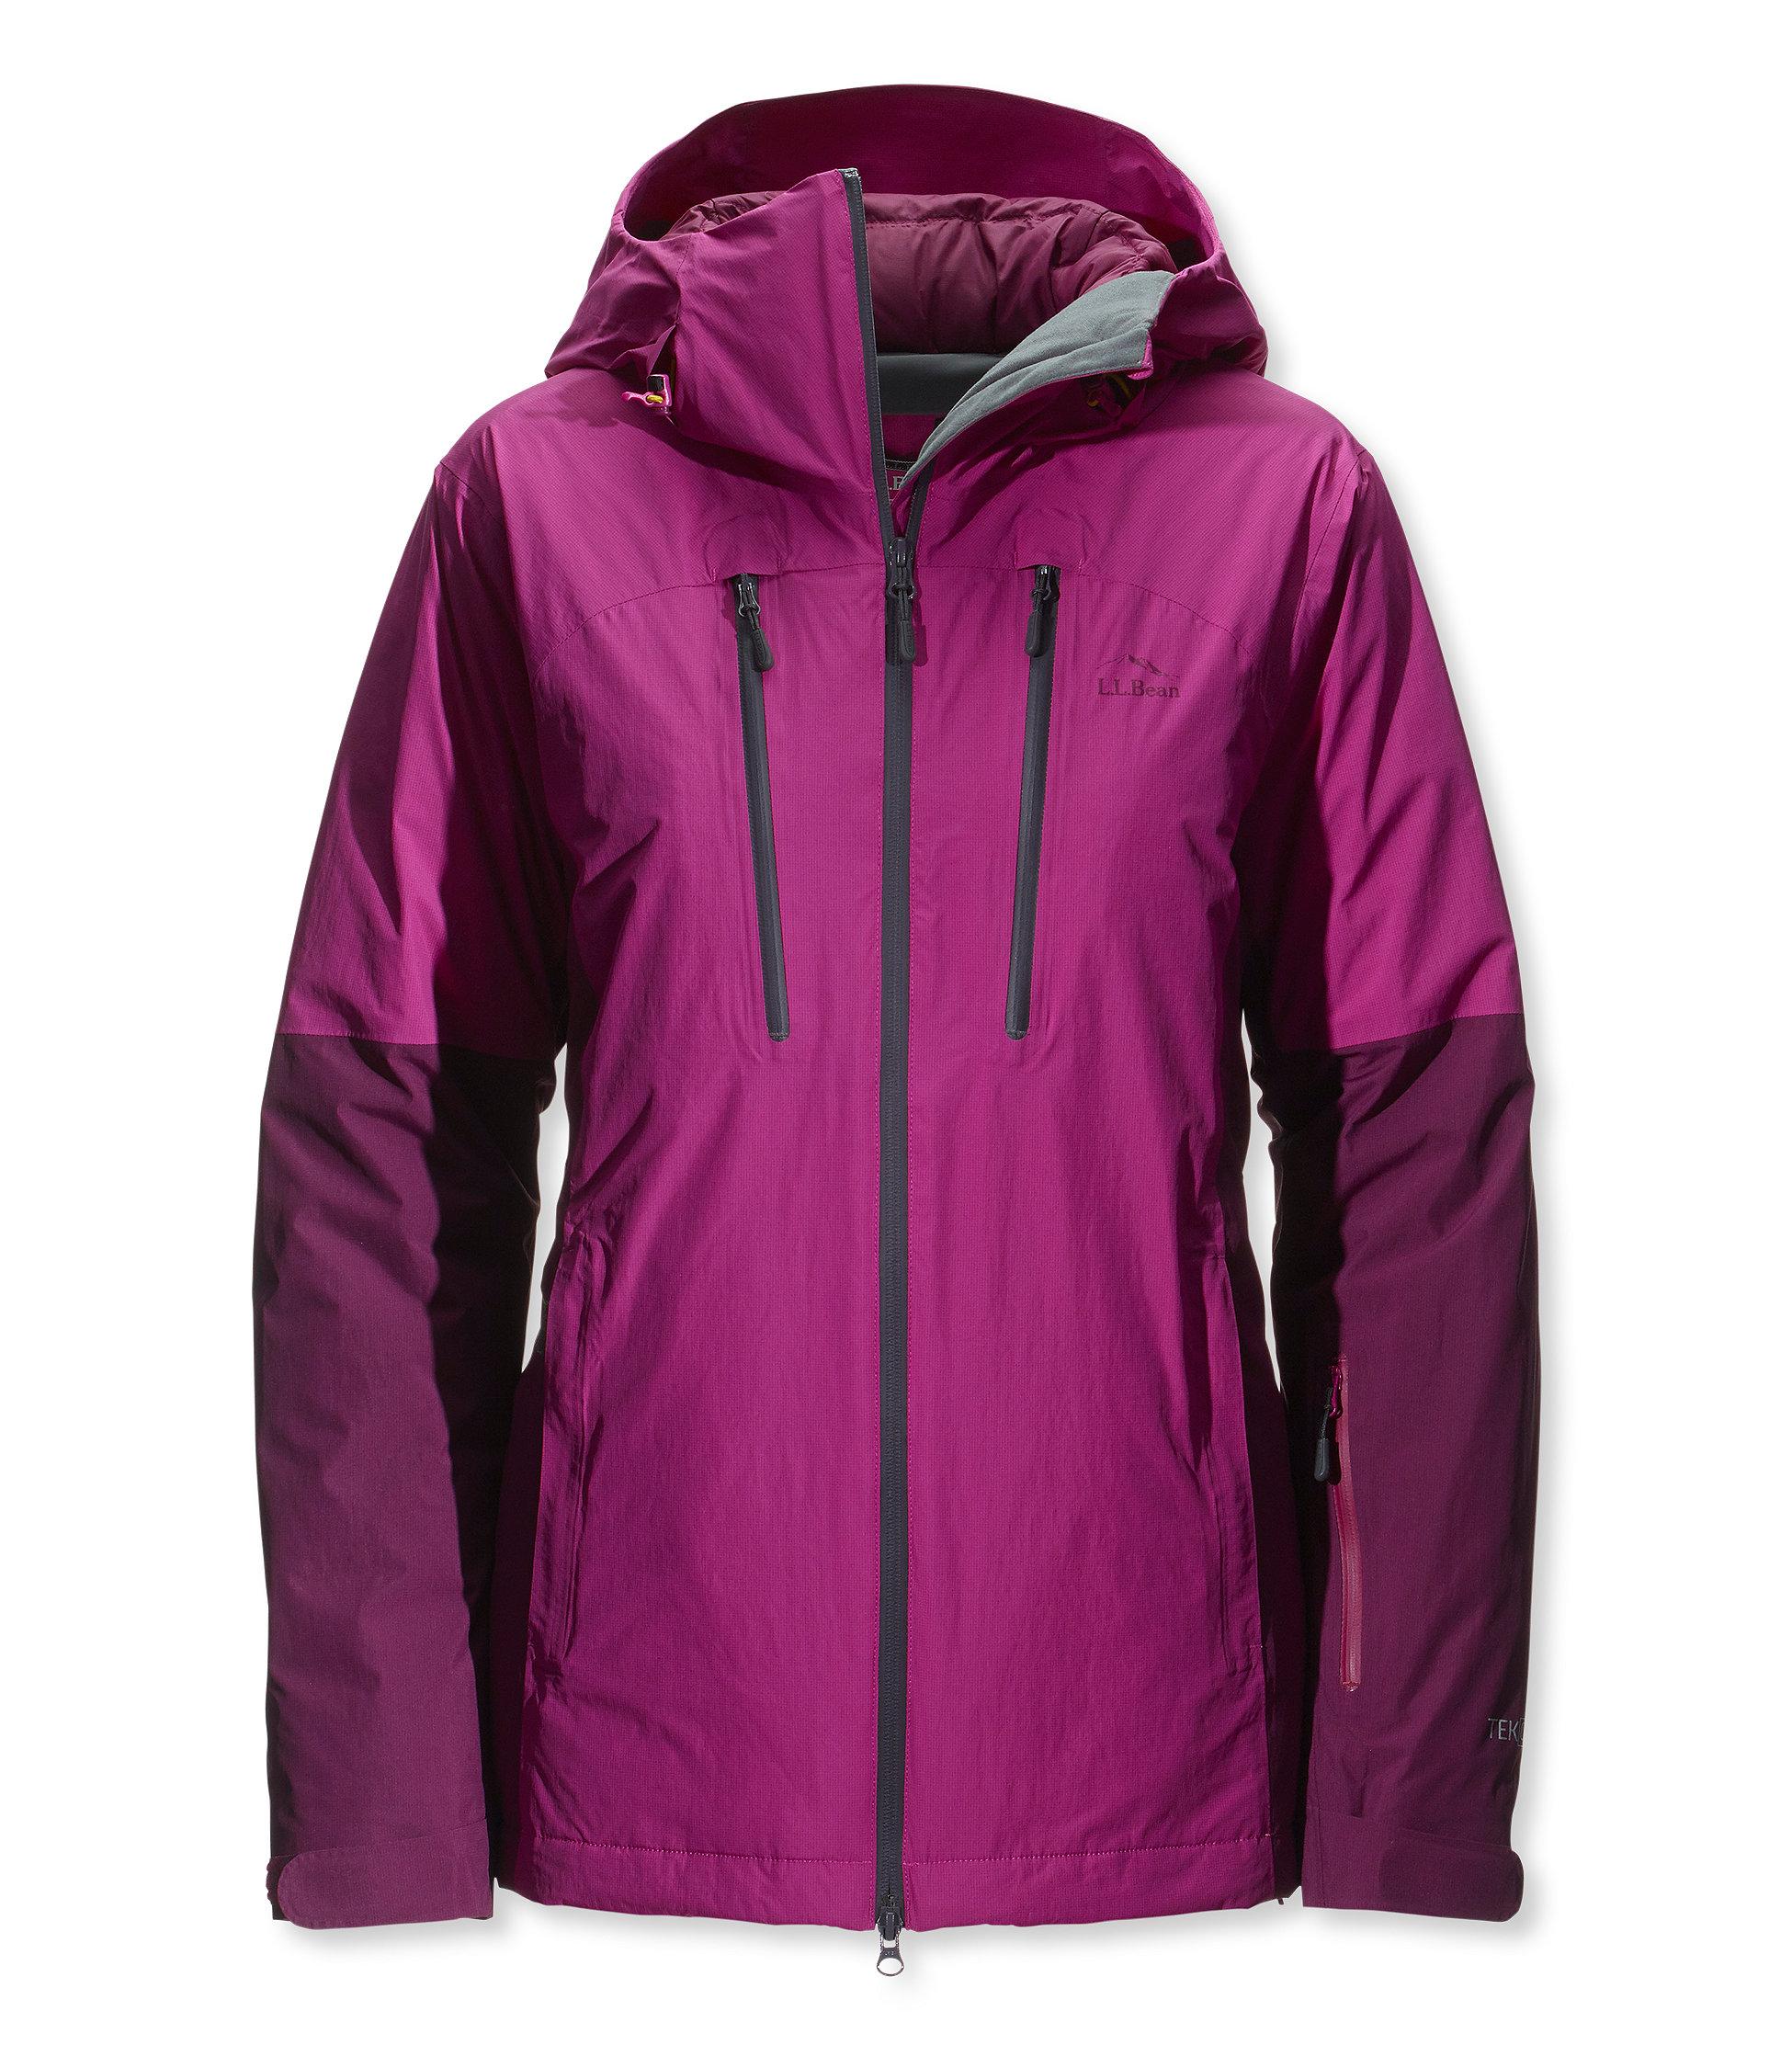 L.L.Bean Waterproof Down Ski Jacket